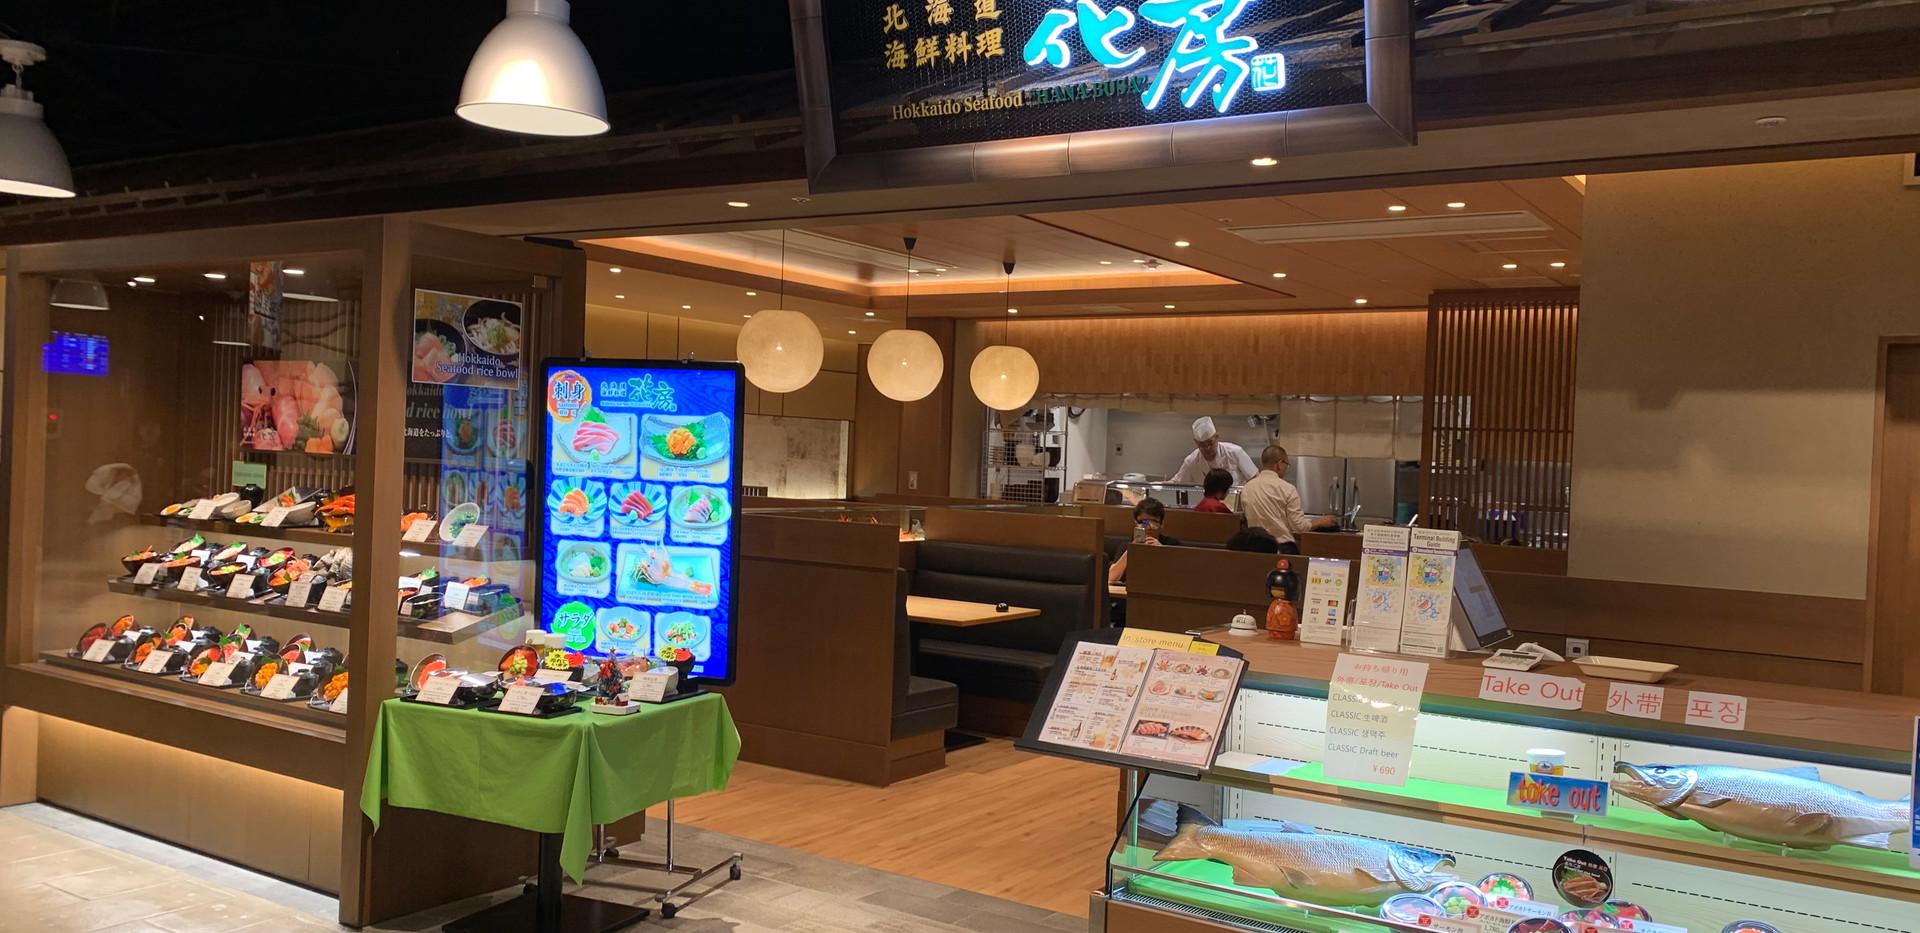 北海道市場食街堂 5.JPG